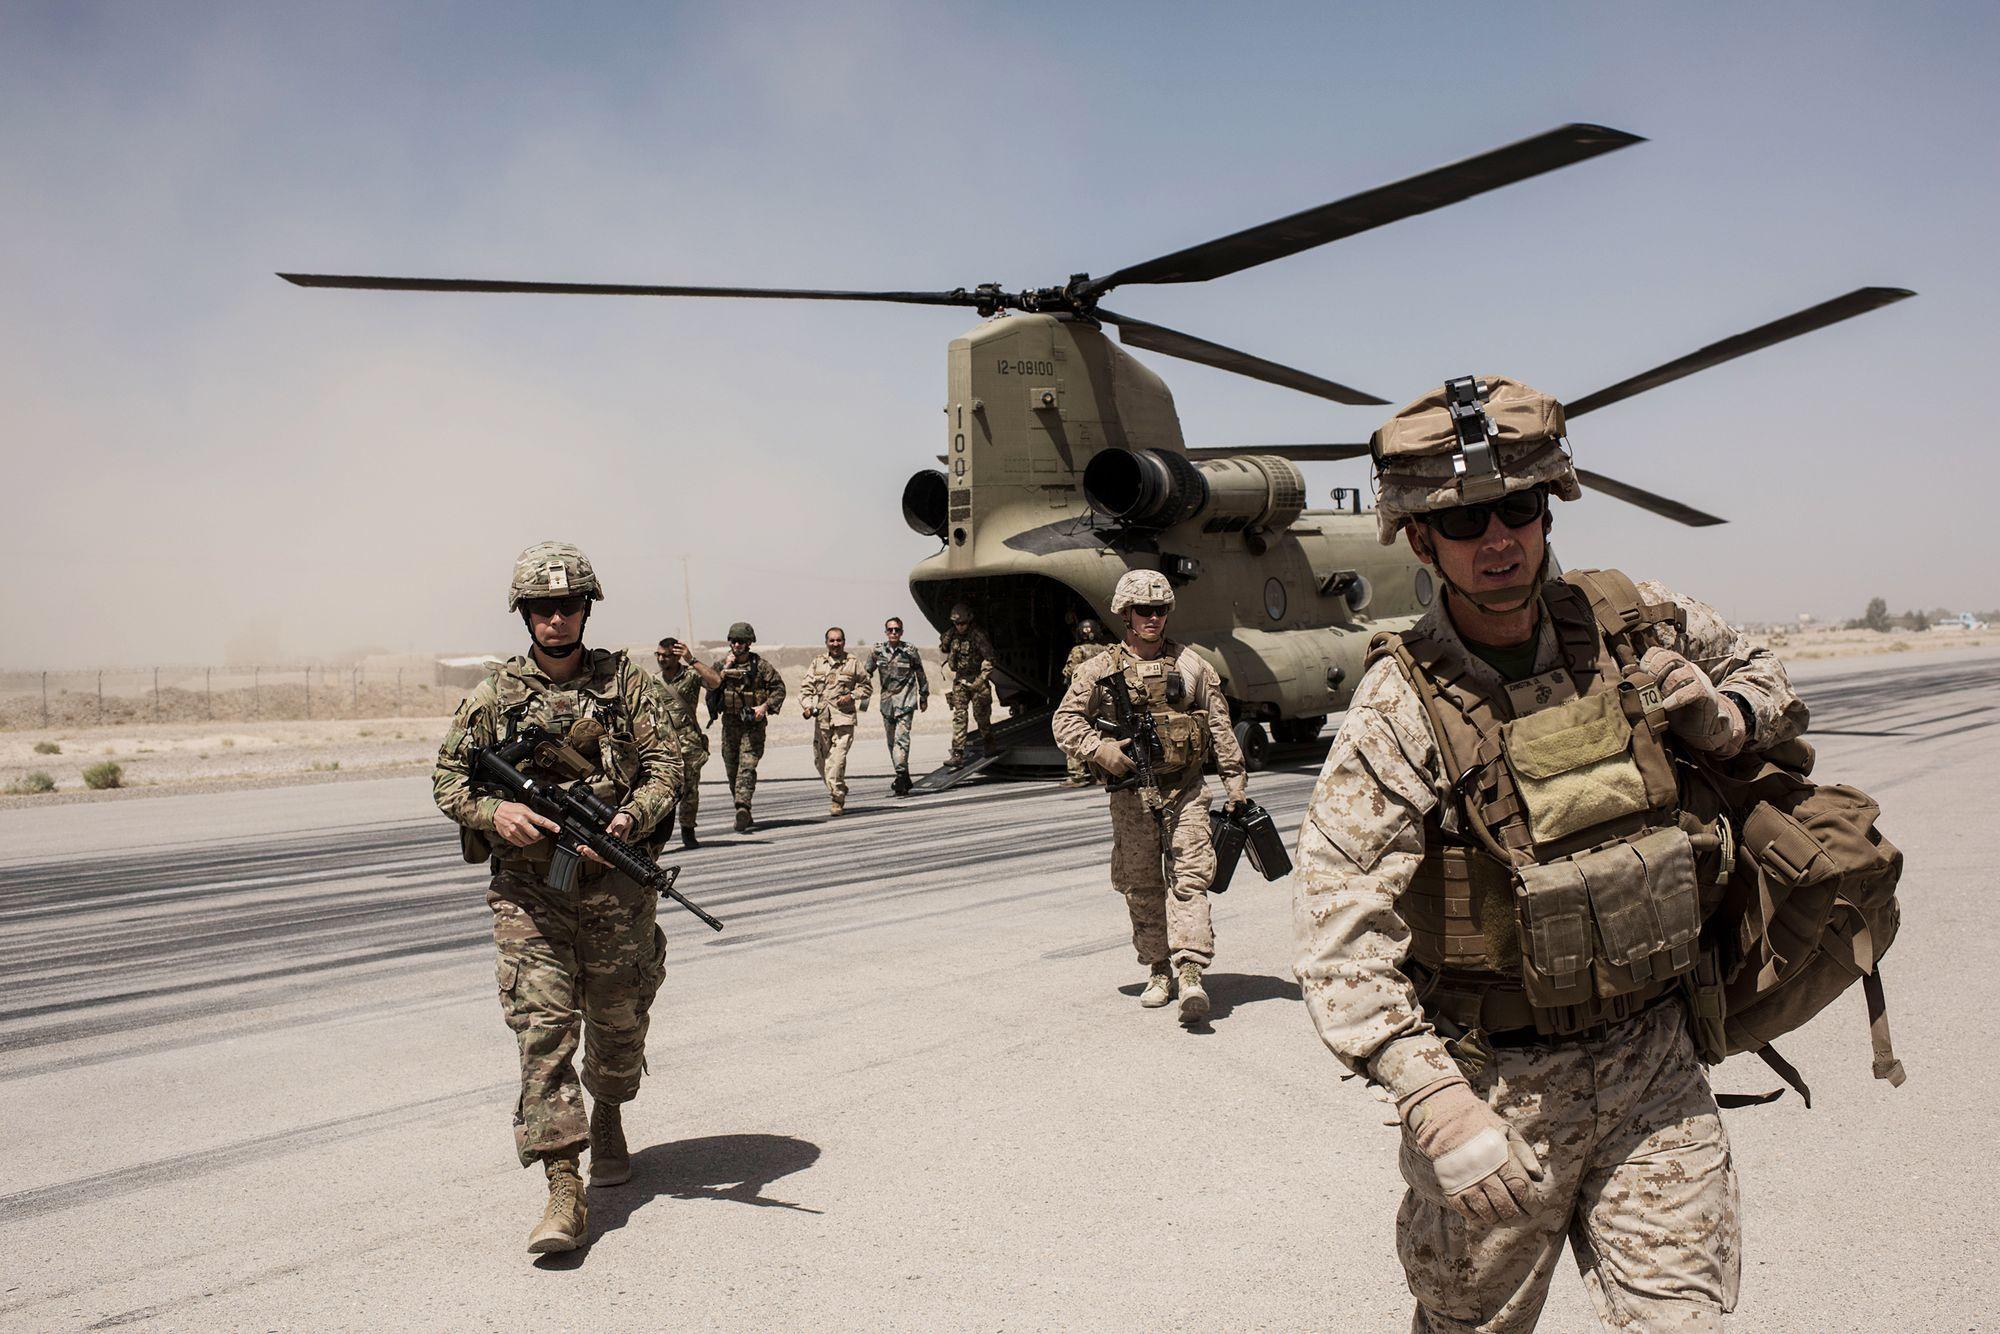 US military has abandoned its base in Kandahar province